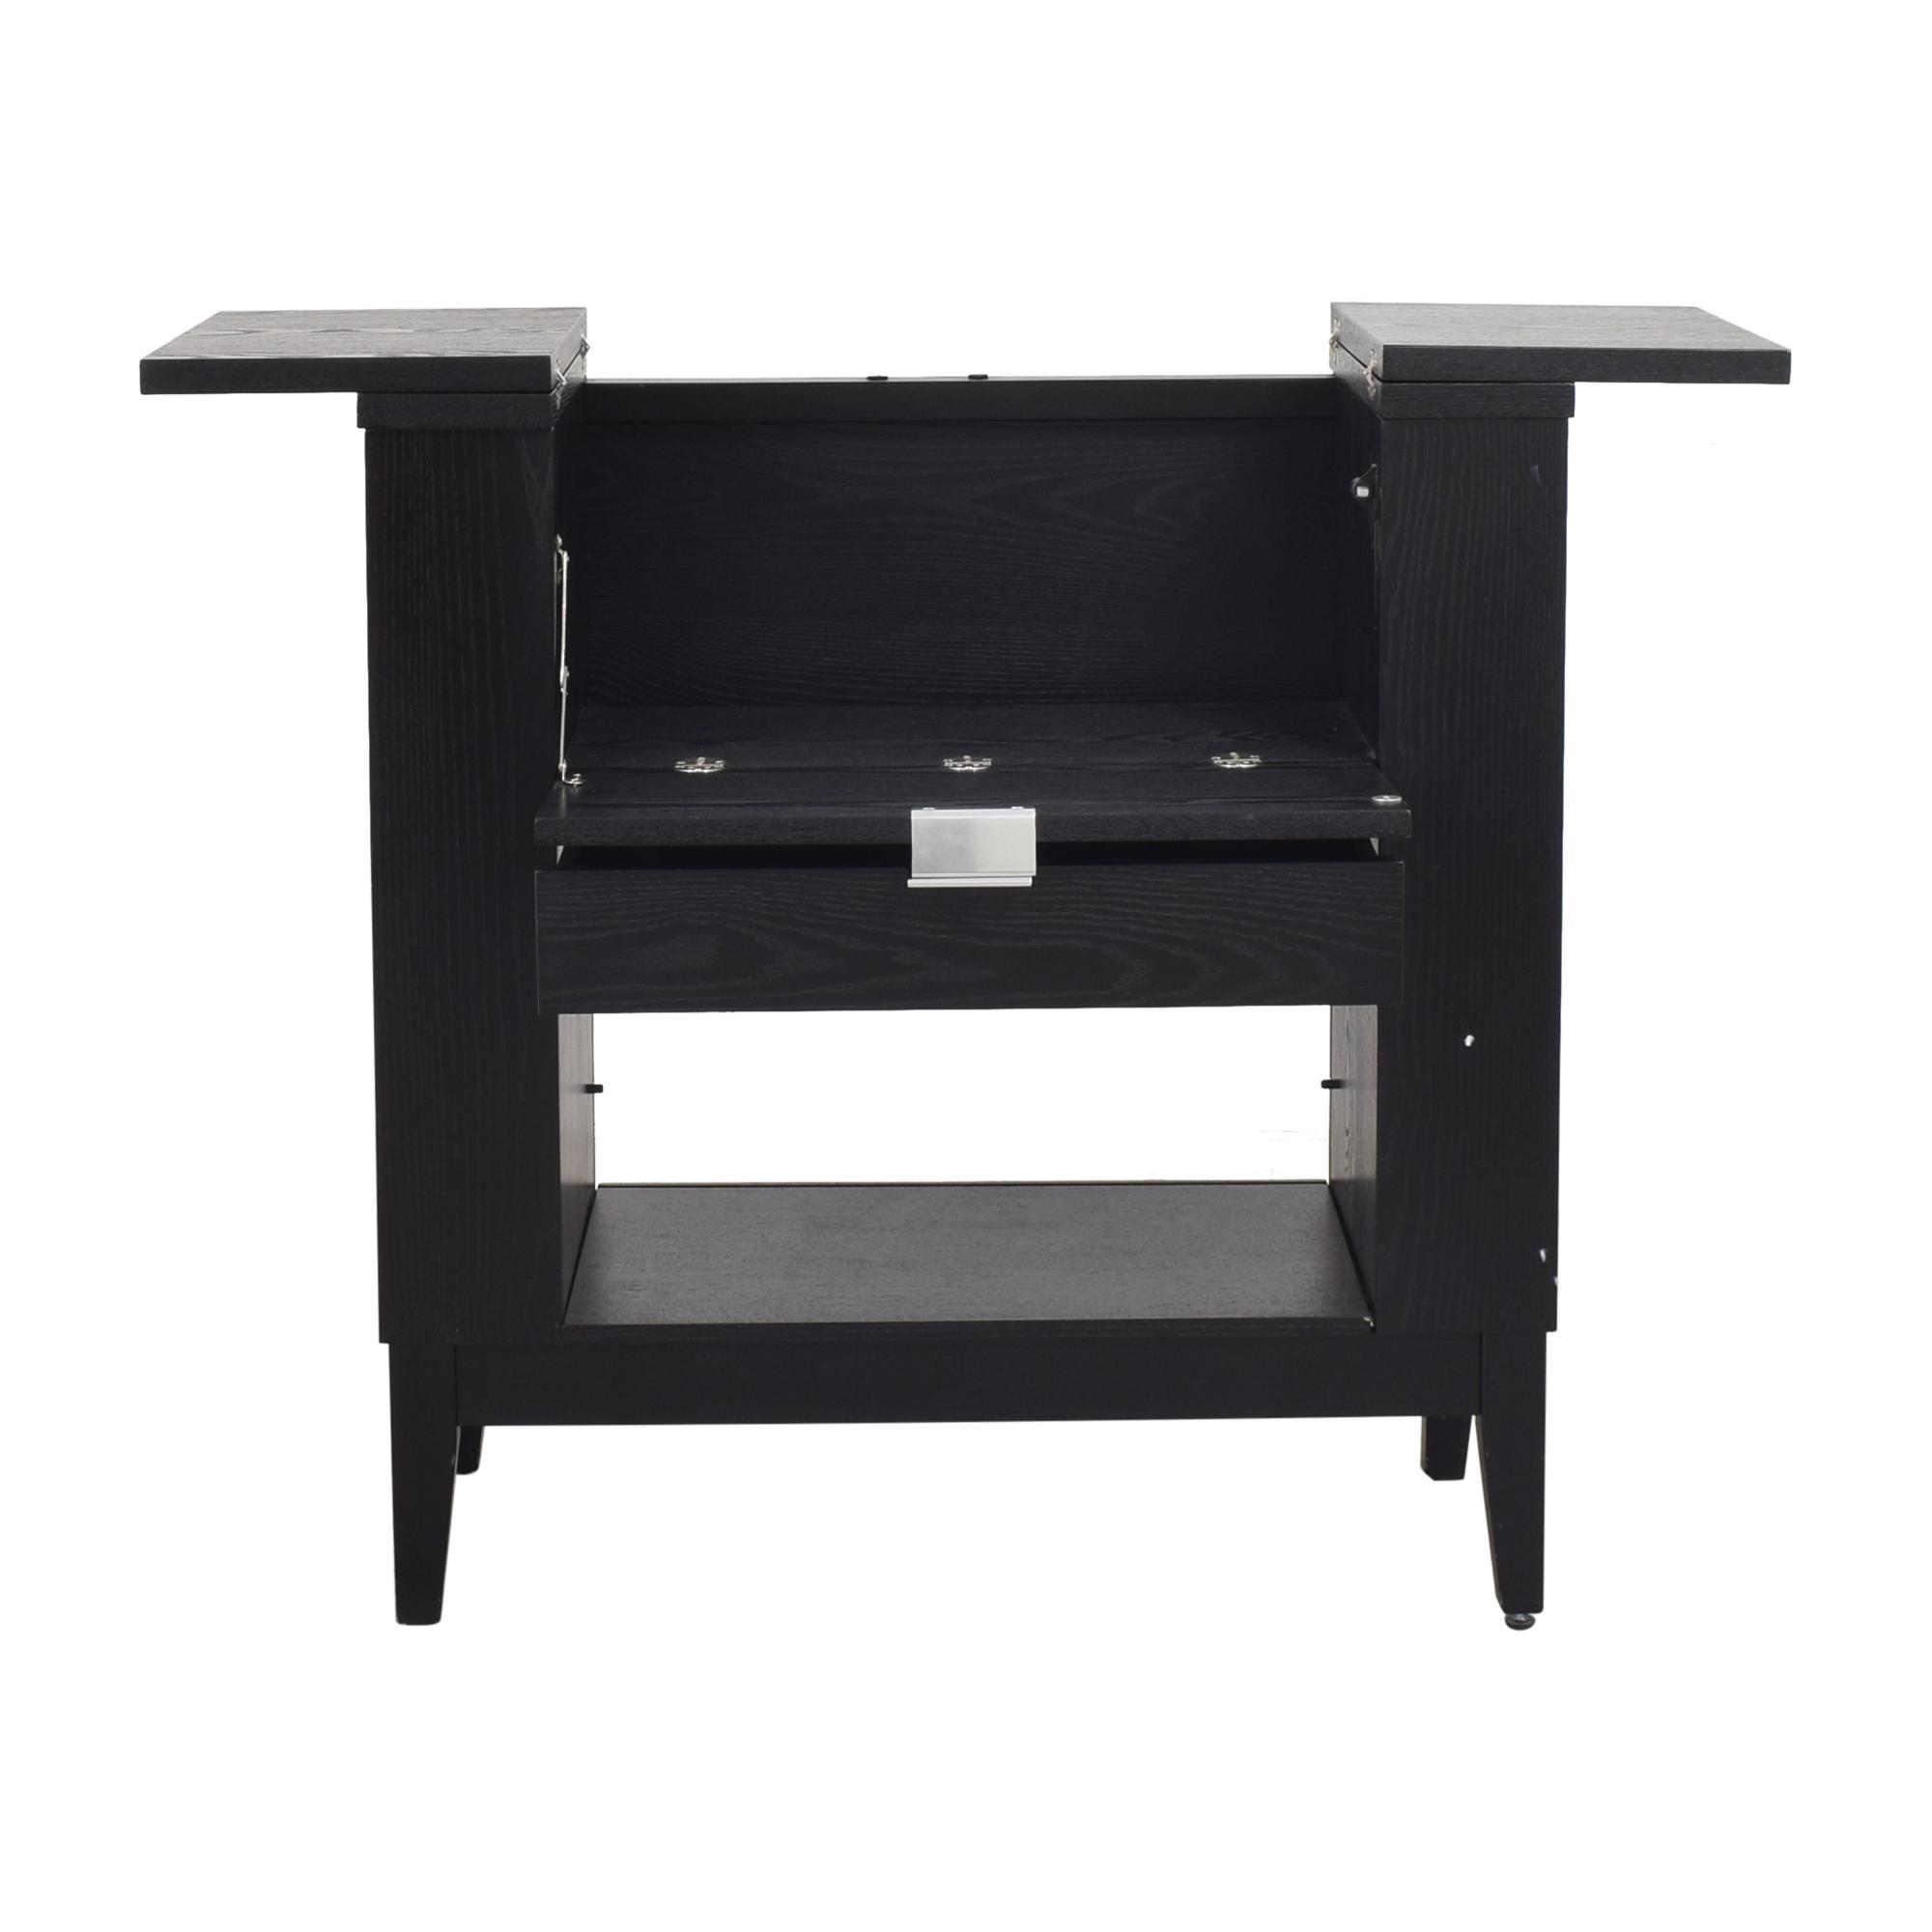 Crate & Barrel Parker Spirits Bar Cabinet sale